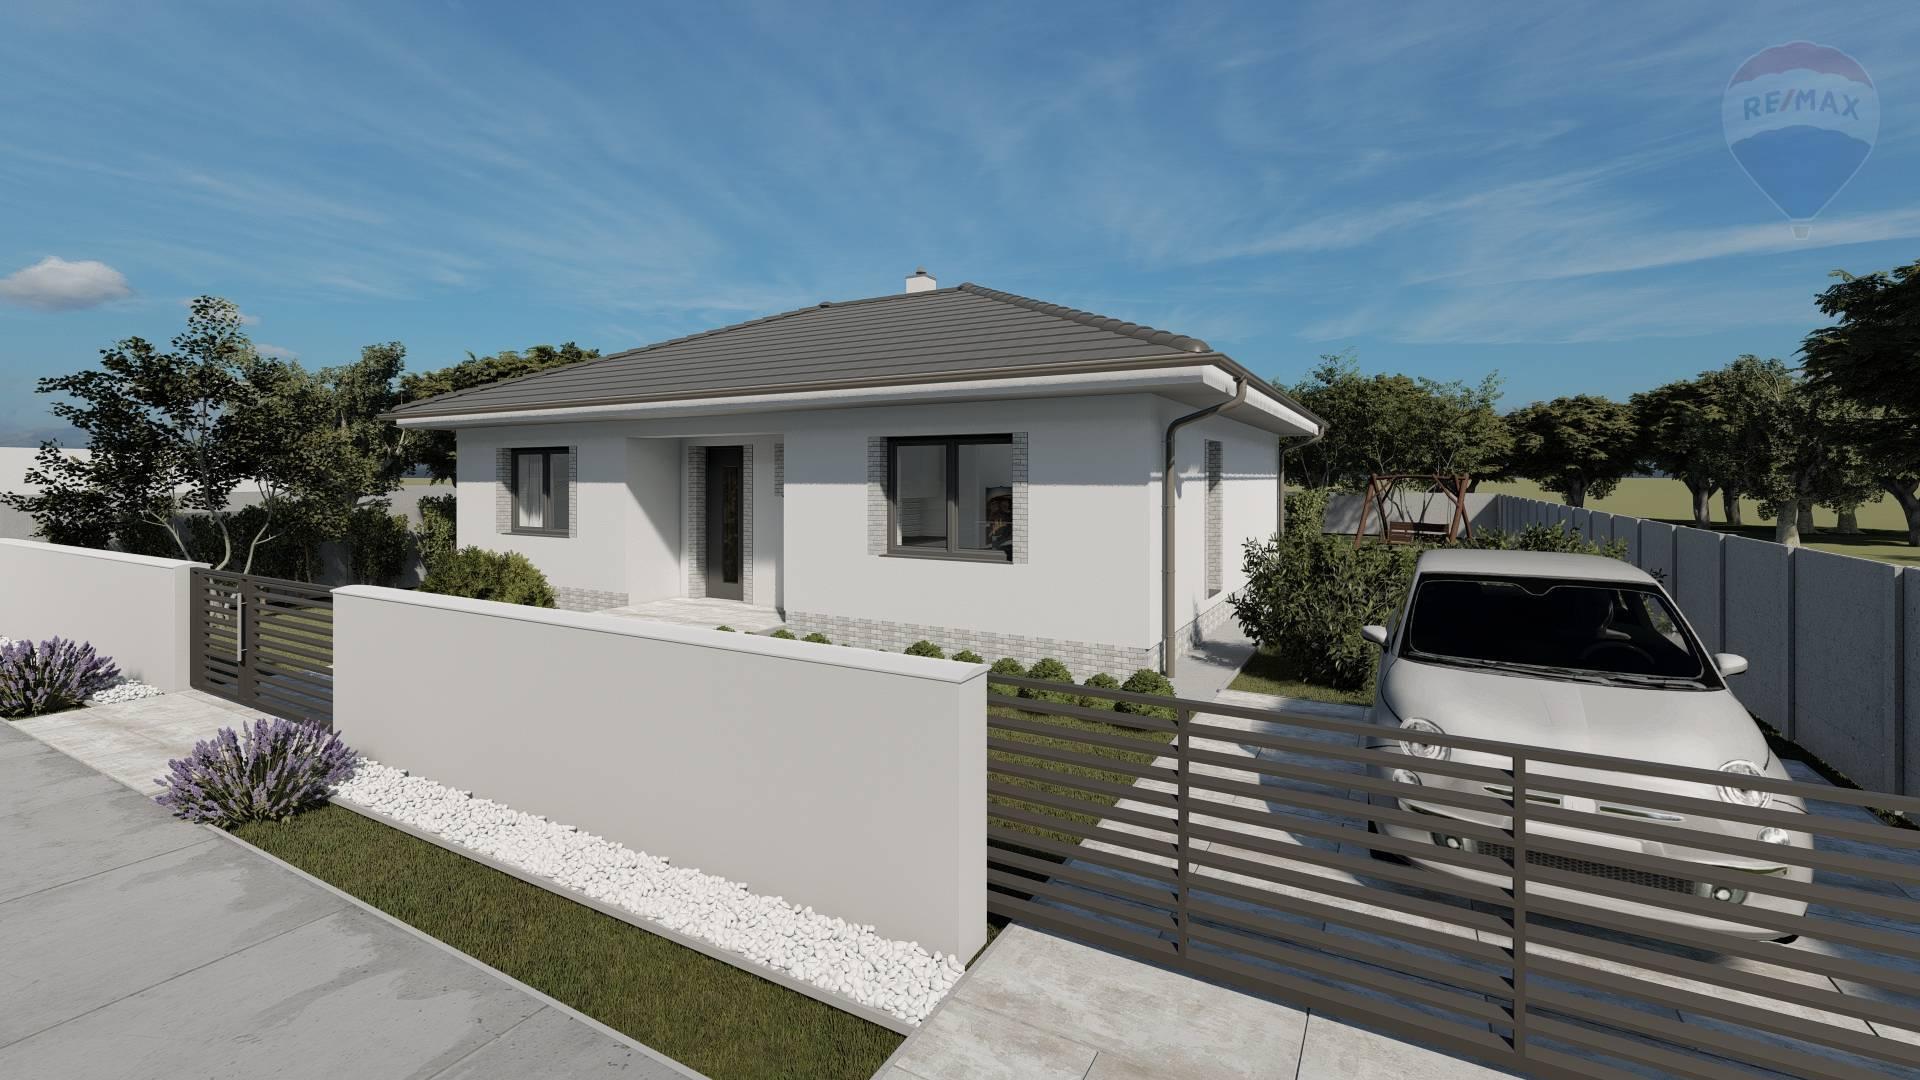 Na predaj: 3 izbový rodinný dom, Dunajská Streda, nová časť